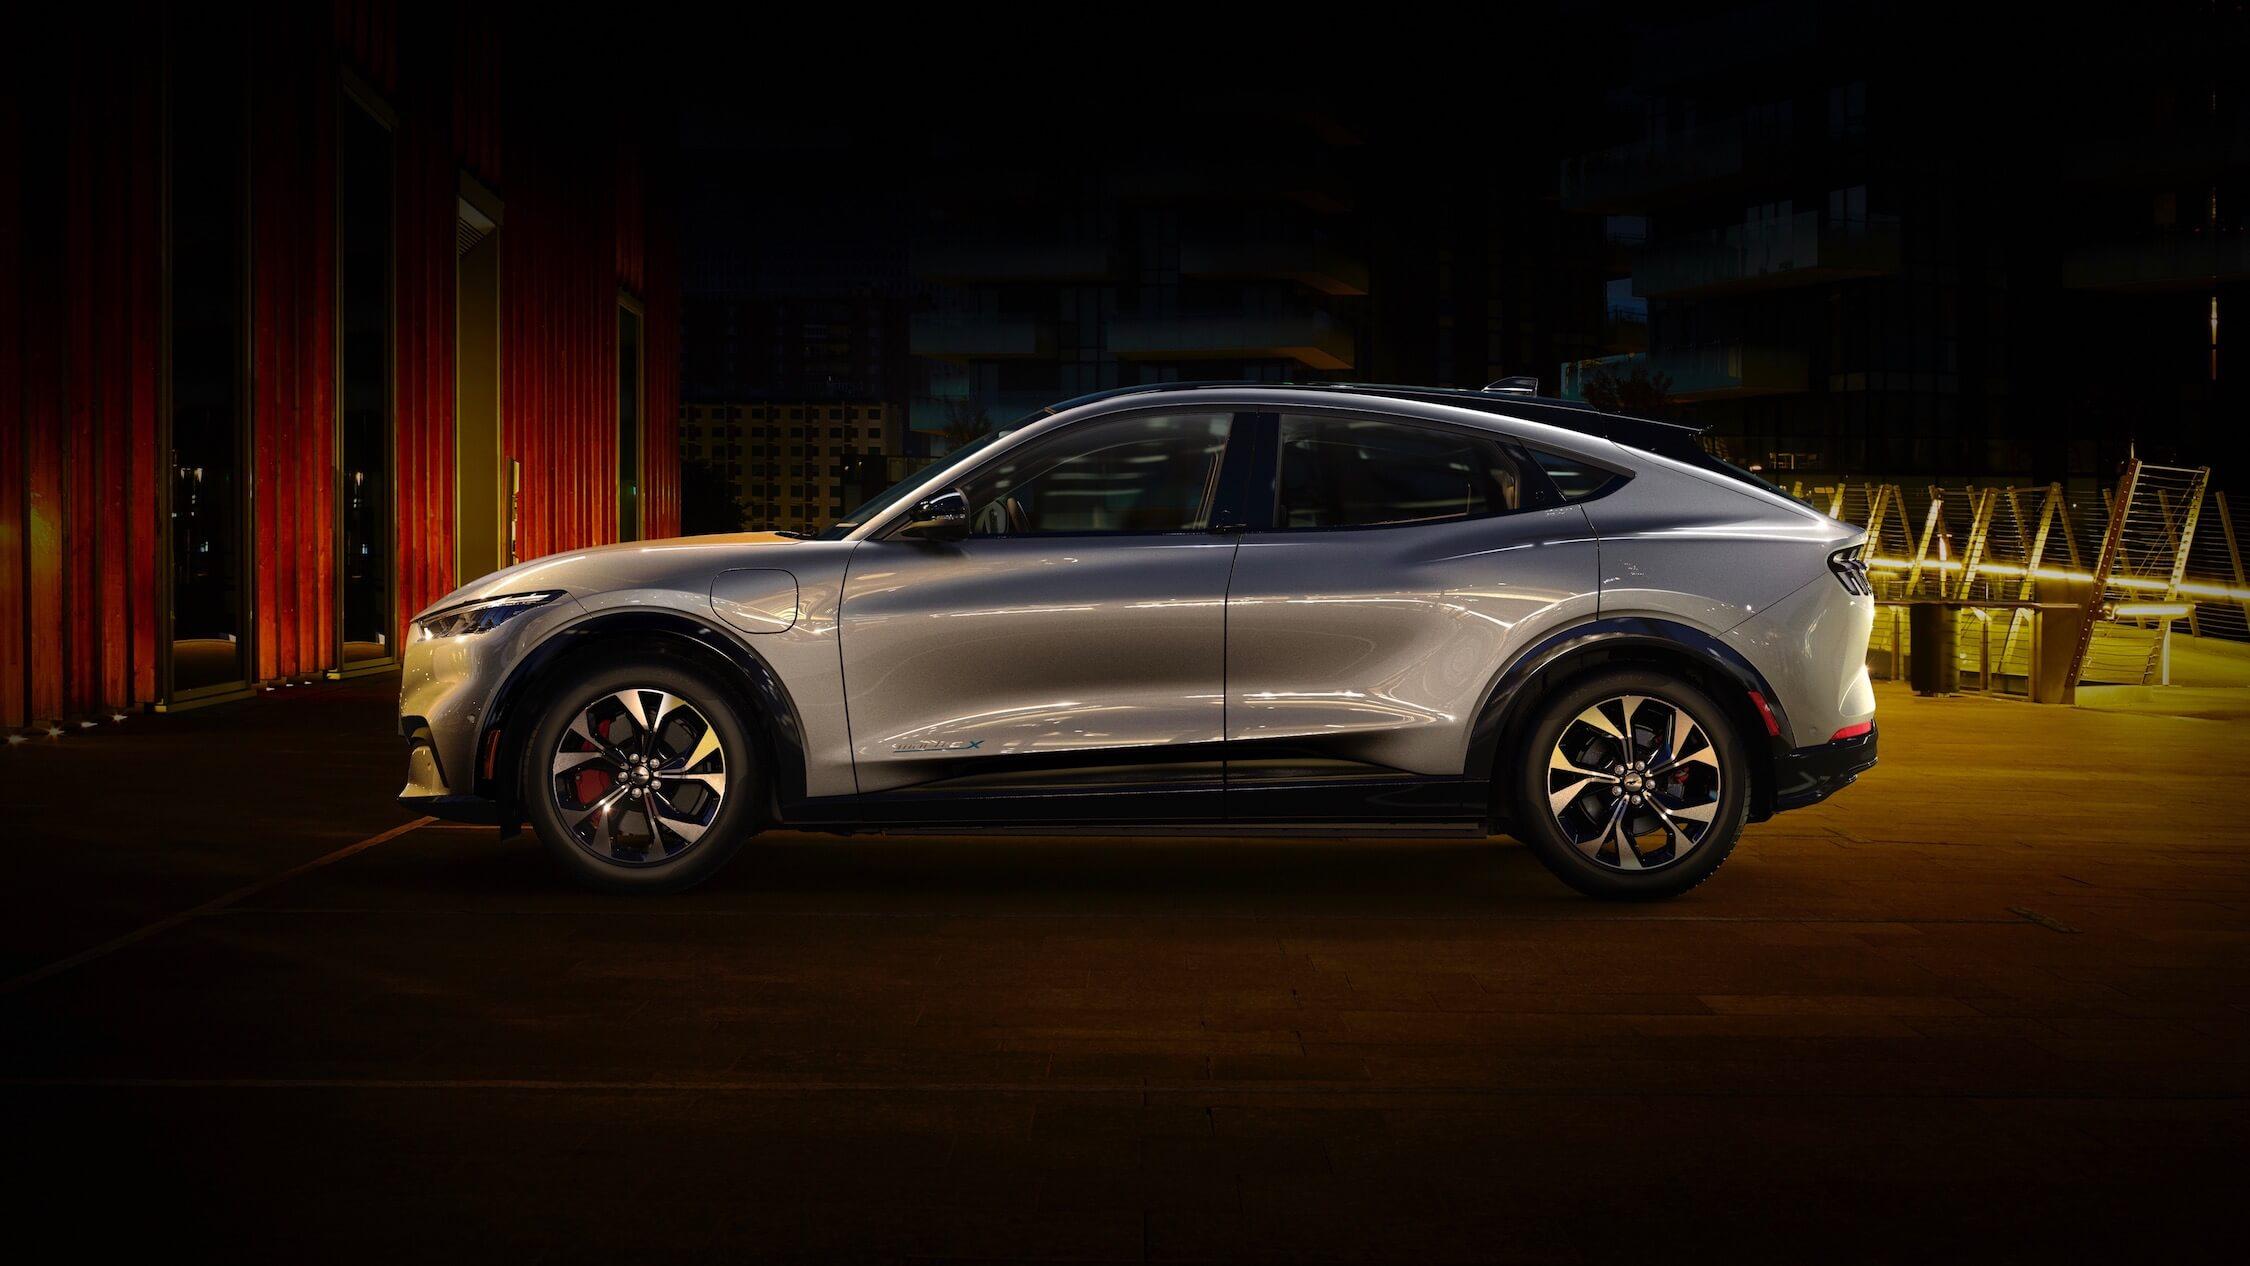 Ford Mustang elétrico perfil